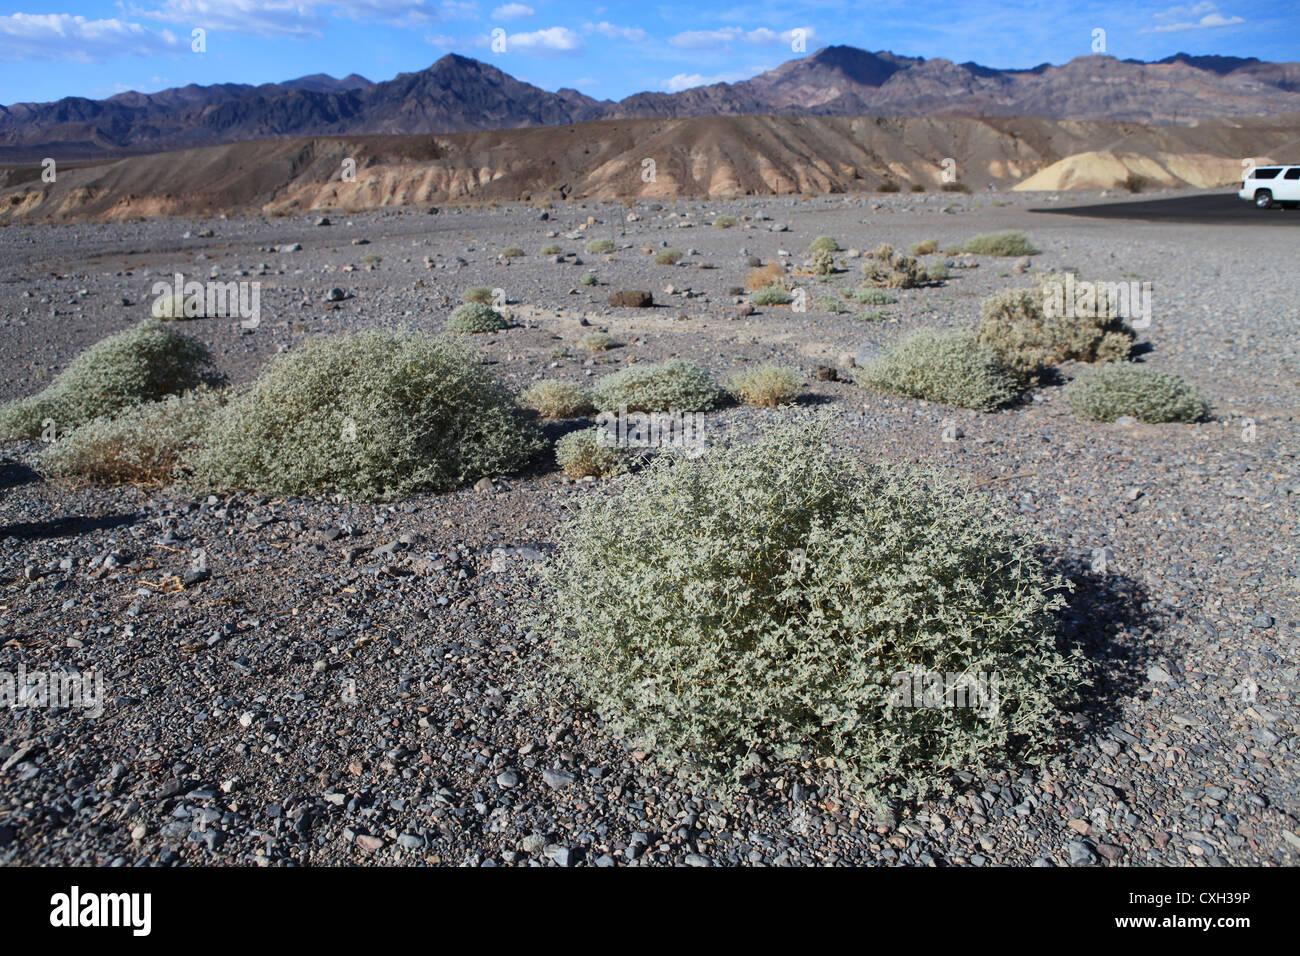 desert landscape desert shrubs small stock photos desert landscape